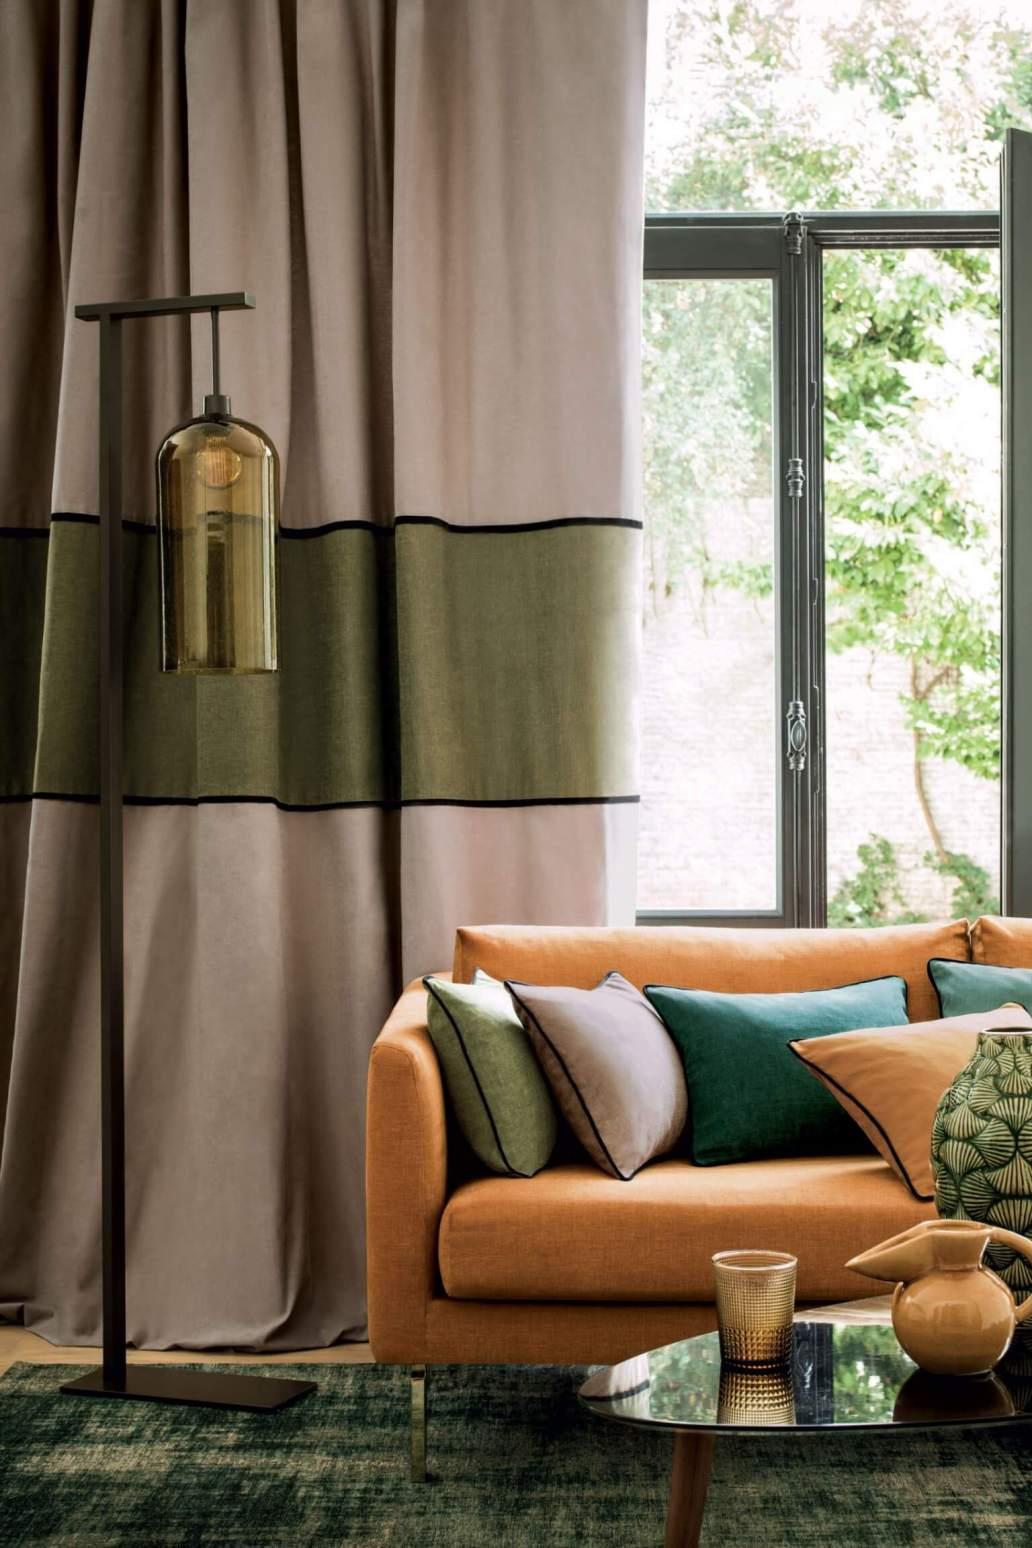 Des rideaux bicolores dans le salon 1365x2048 - Quels rideaux installer dans un salon ?